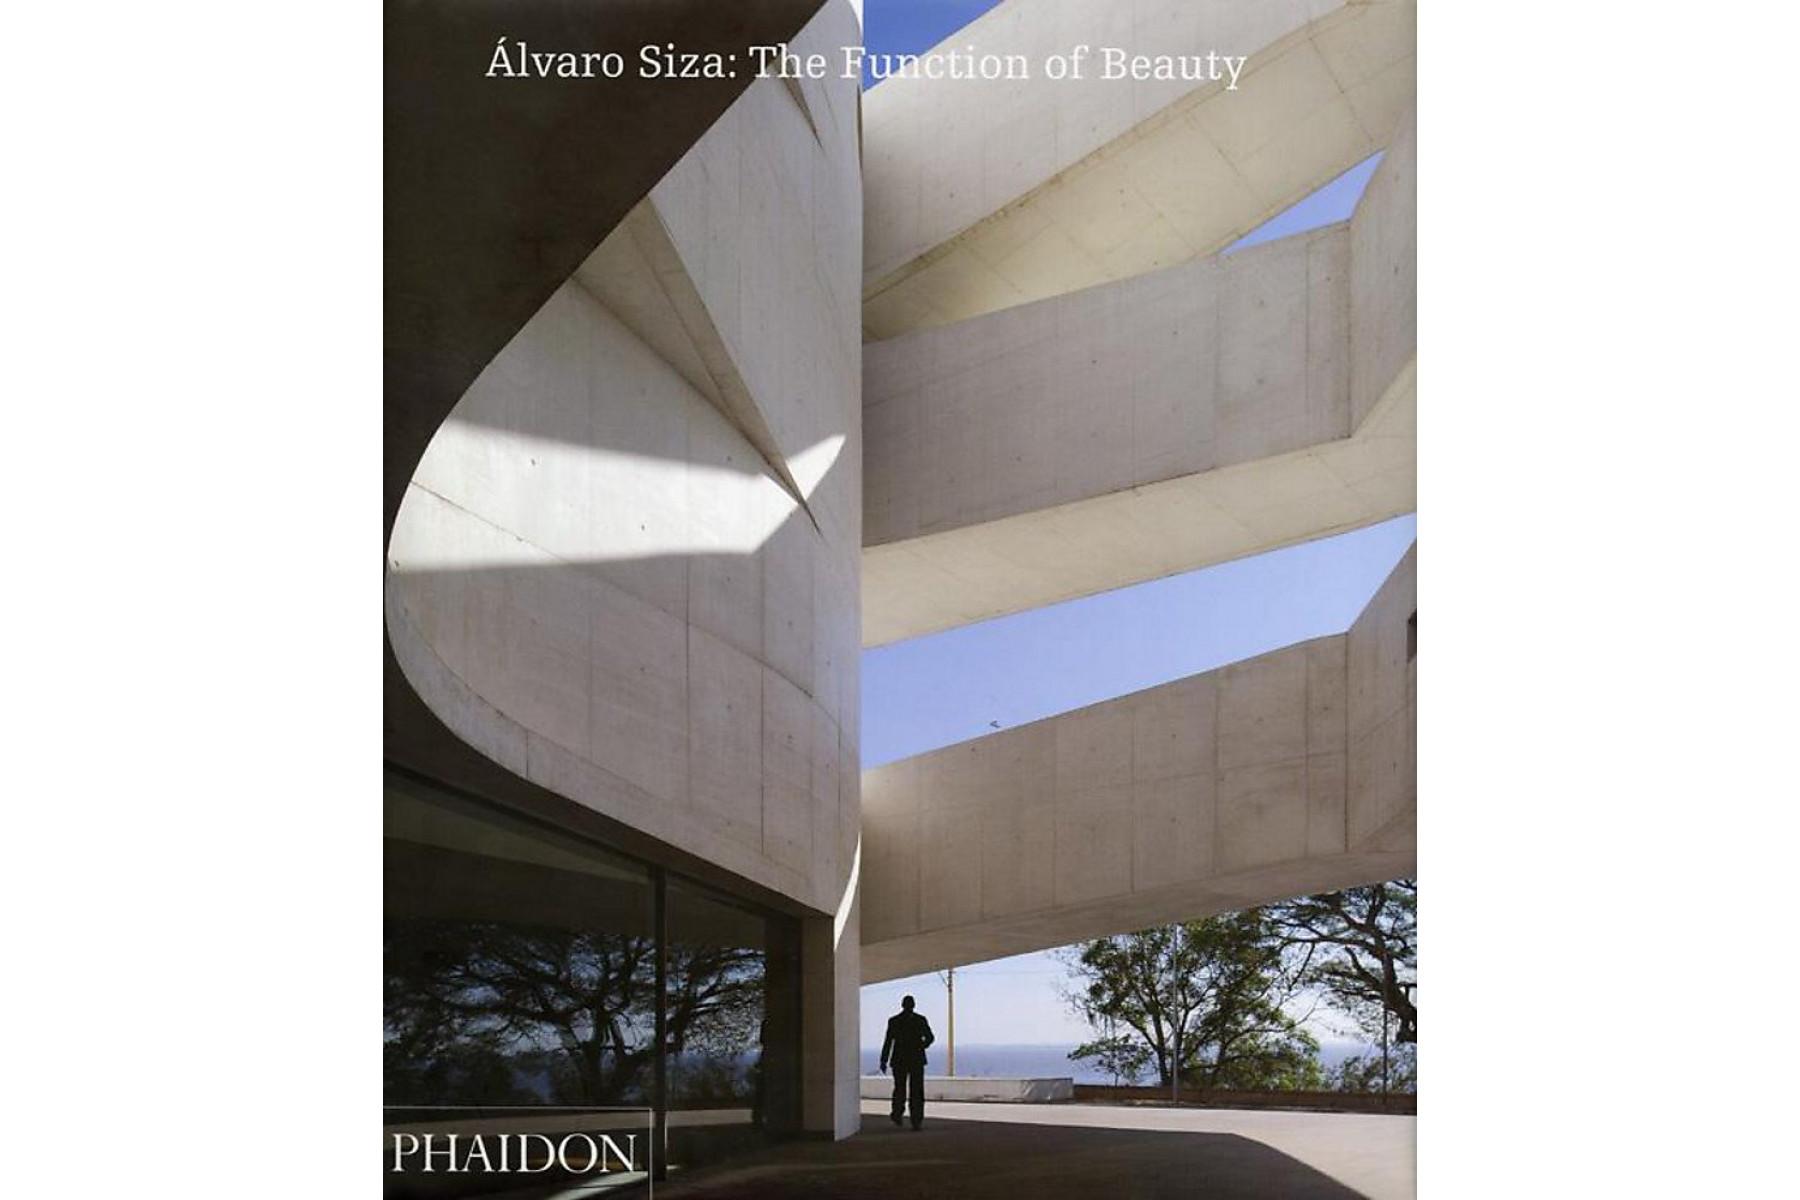 Alvaro Siza: The Function of Beauty